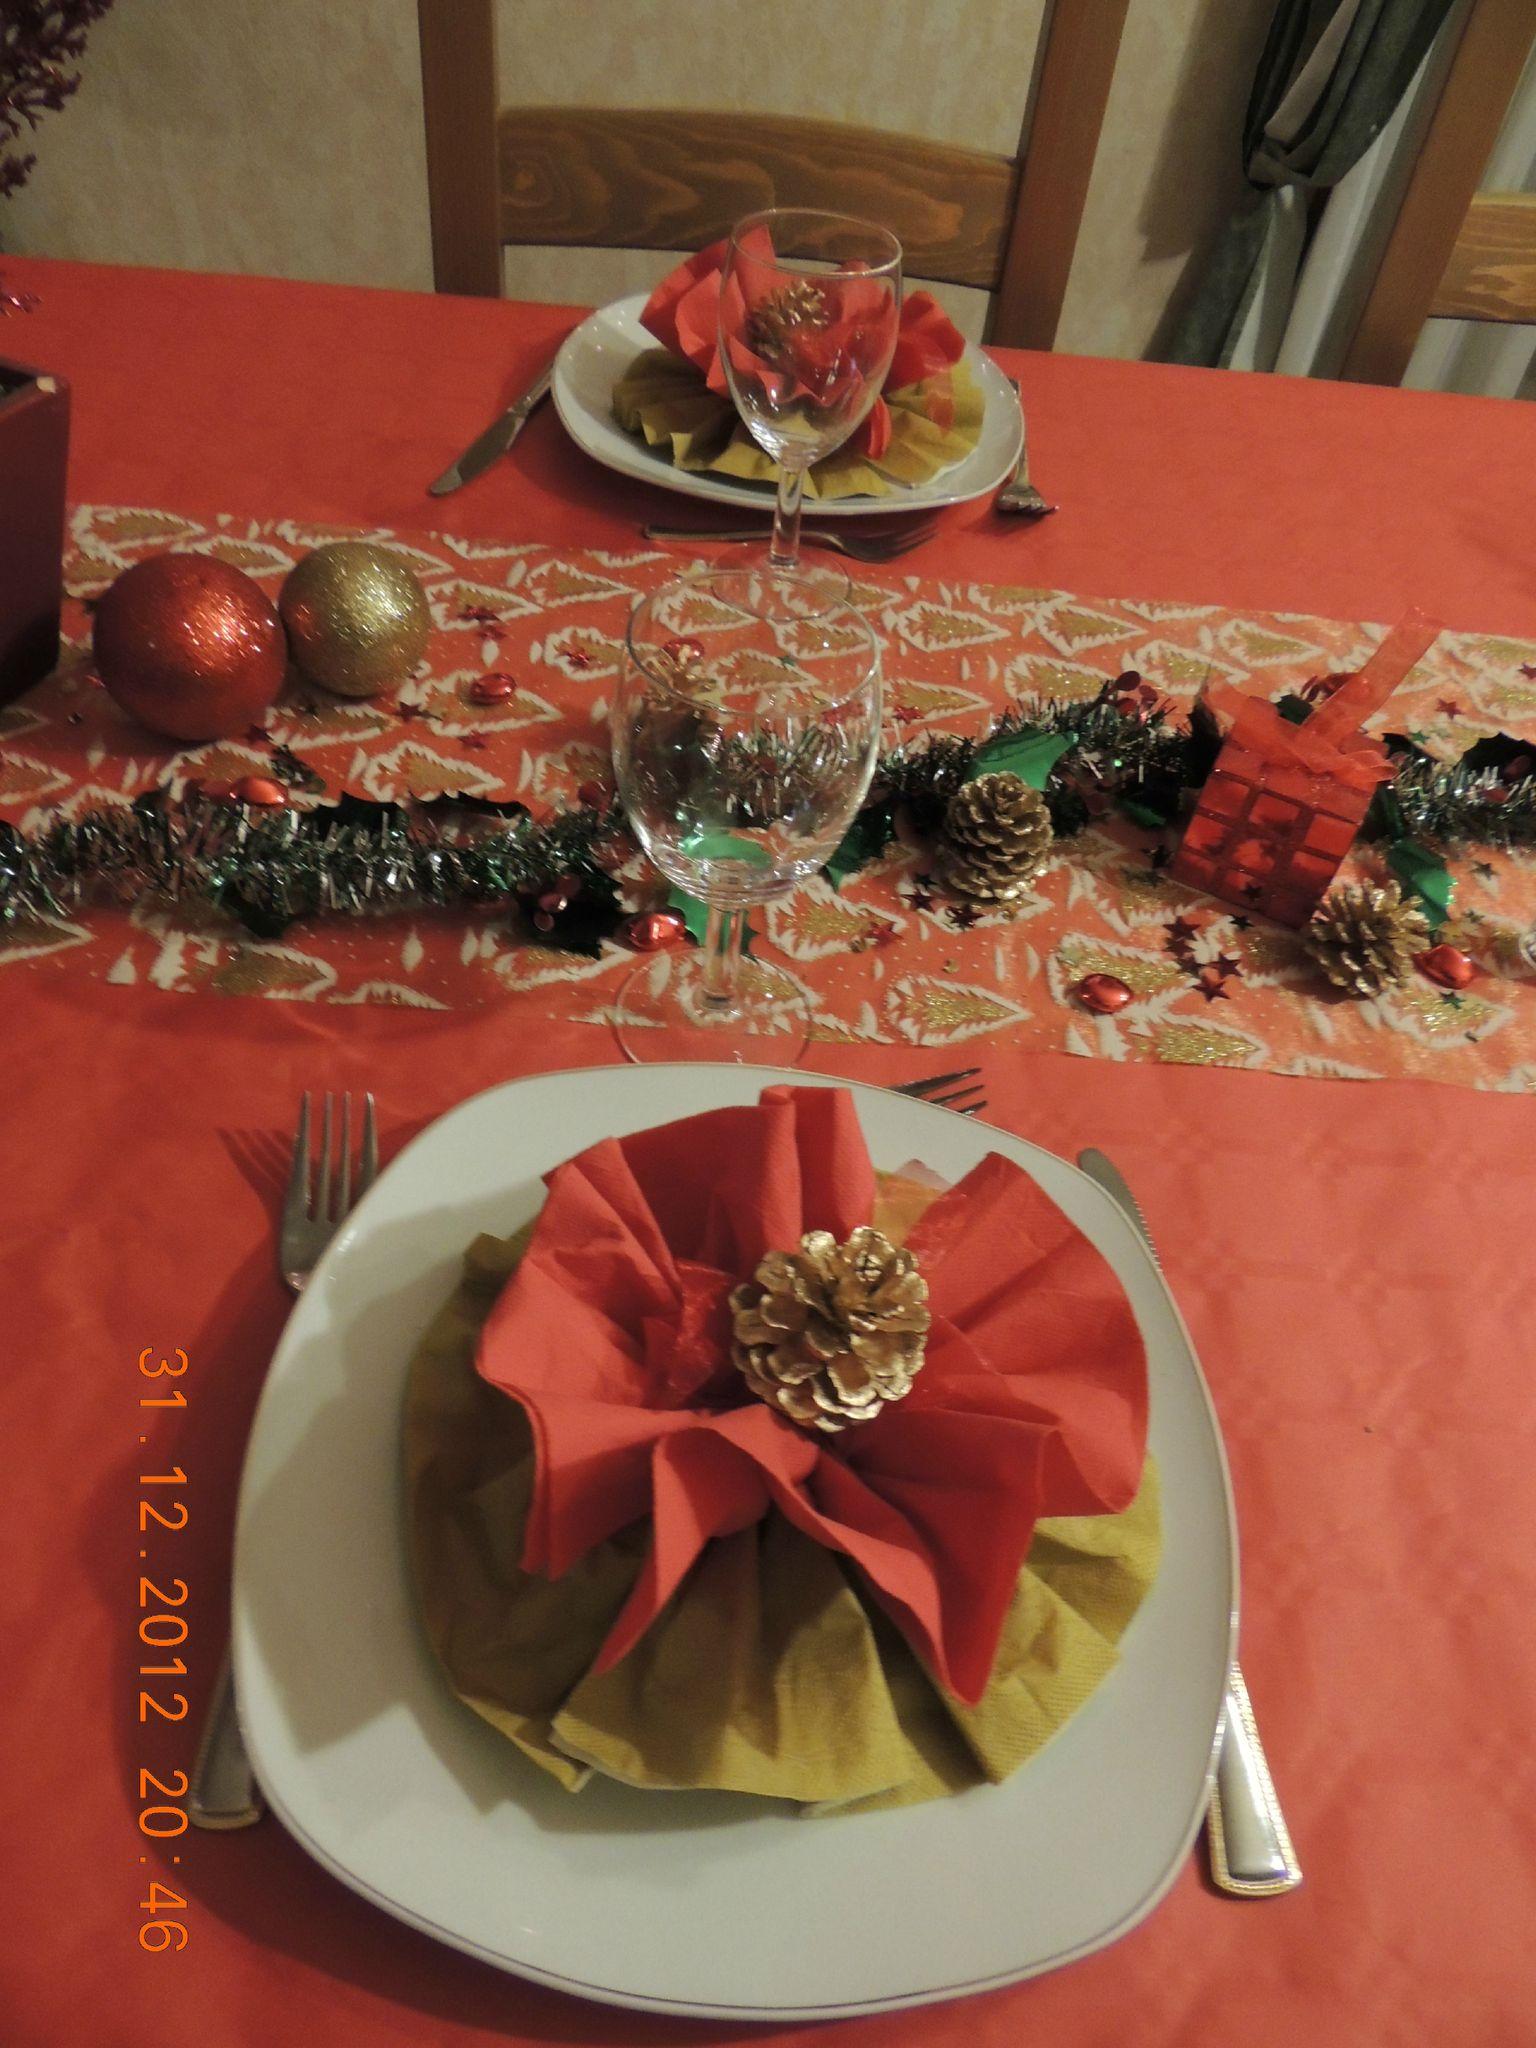 Table jour de l 39 an 2012 celineverodu77 for Table jour de l an